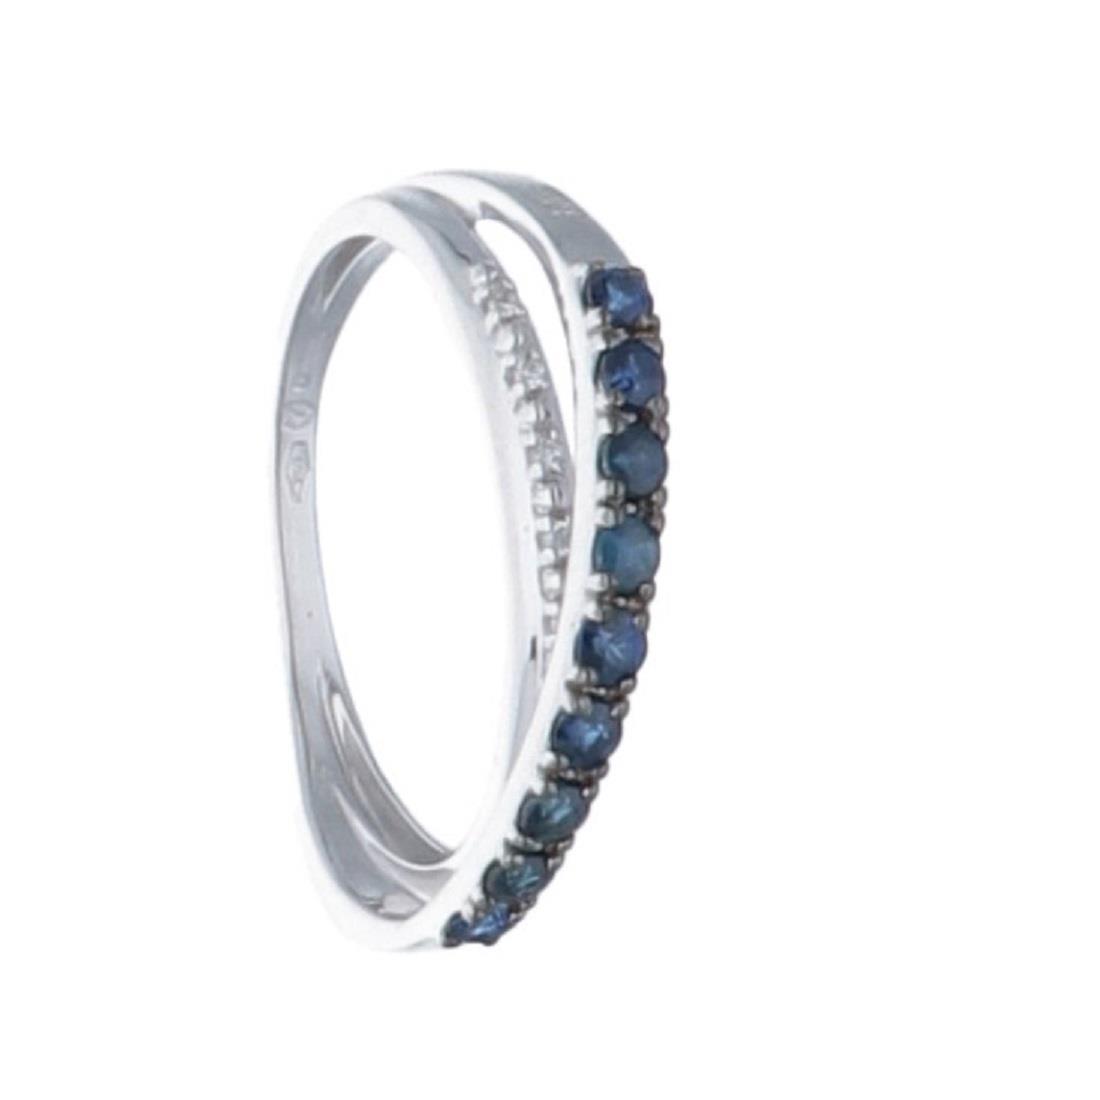 Anello con zaffiri e diamanti - BLISS